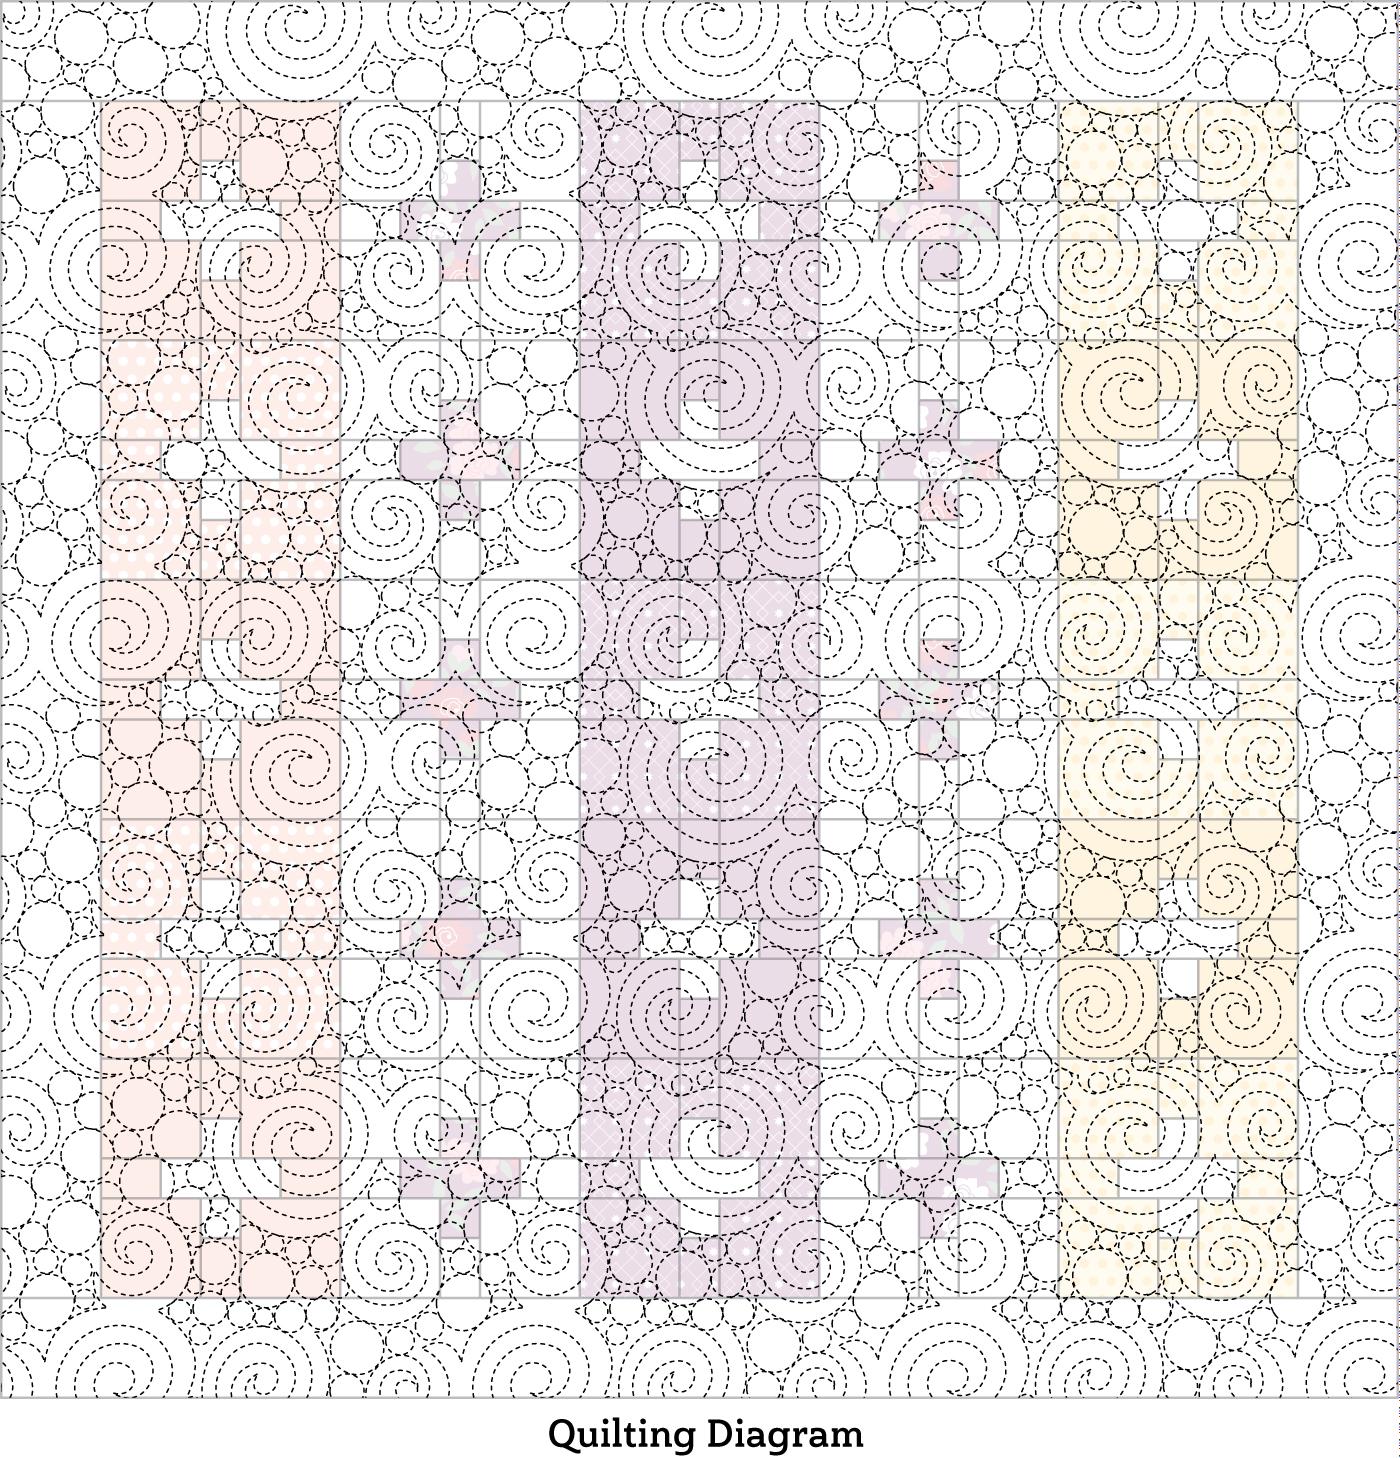 7001756-8999-quiltingopt.jpg